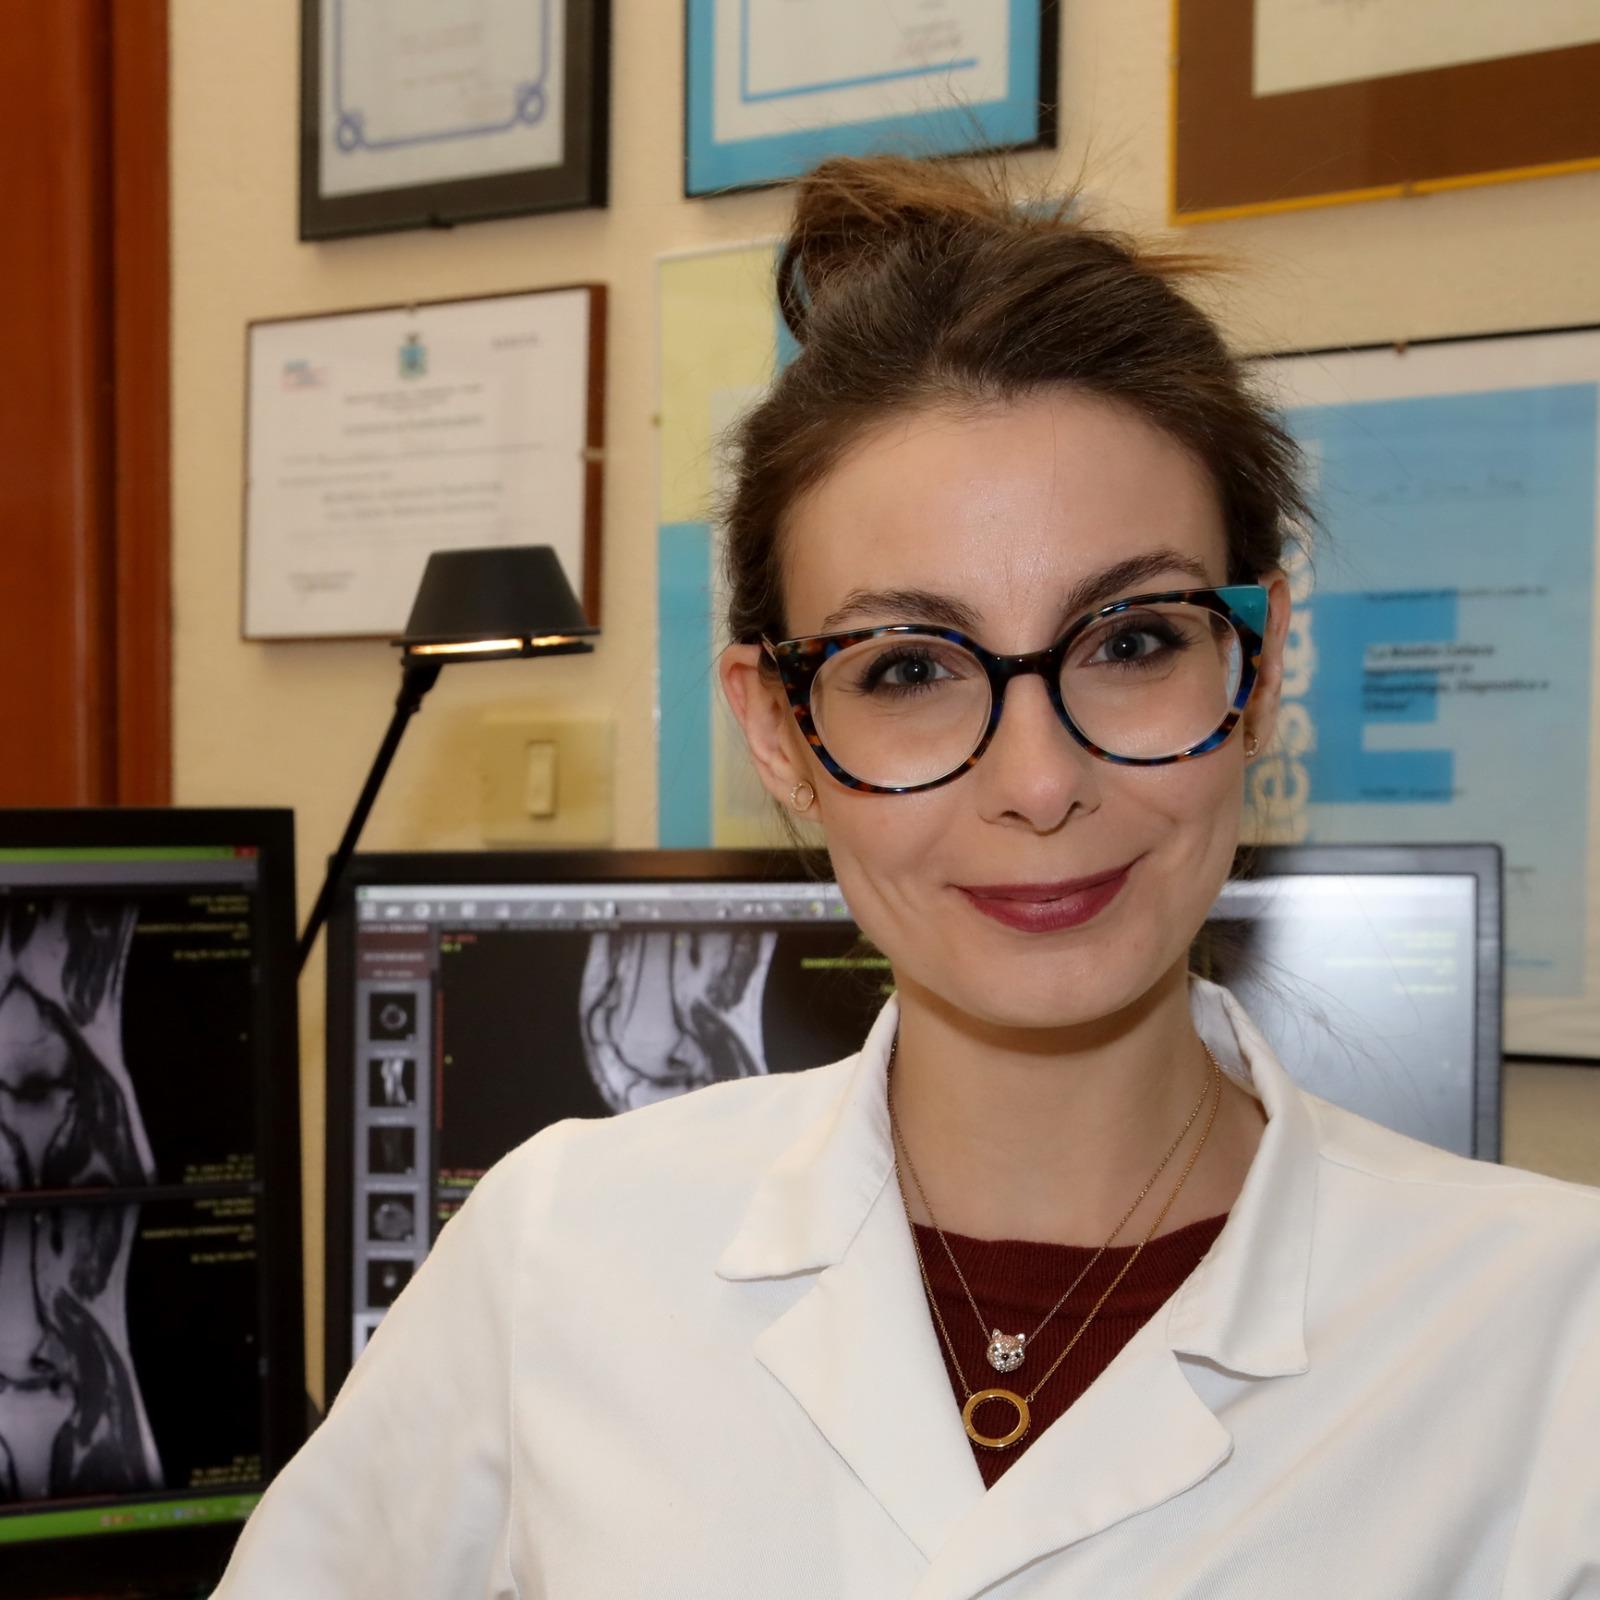 Dott.ssa Maria Chiara Terranova